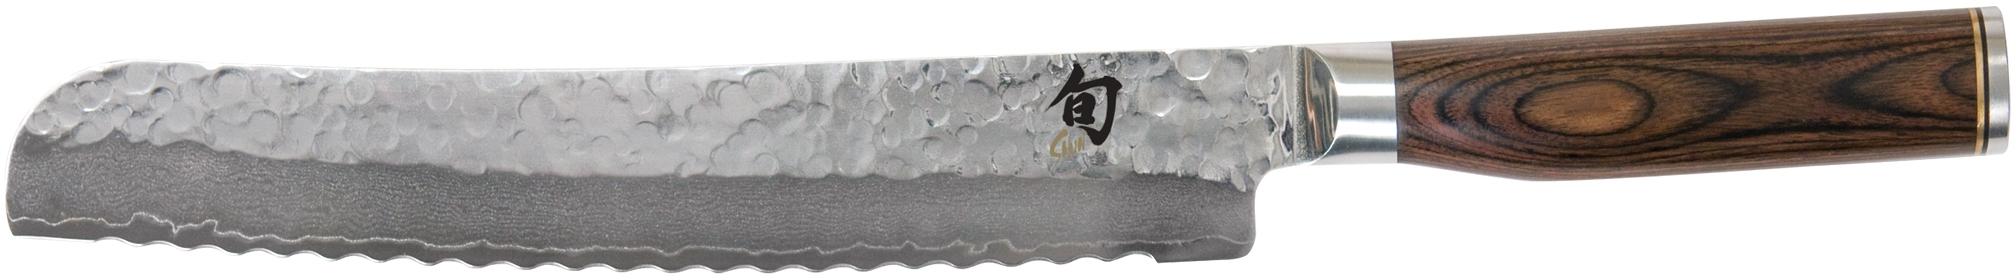 Shun Premier 9 Inch Bread Knife